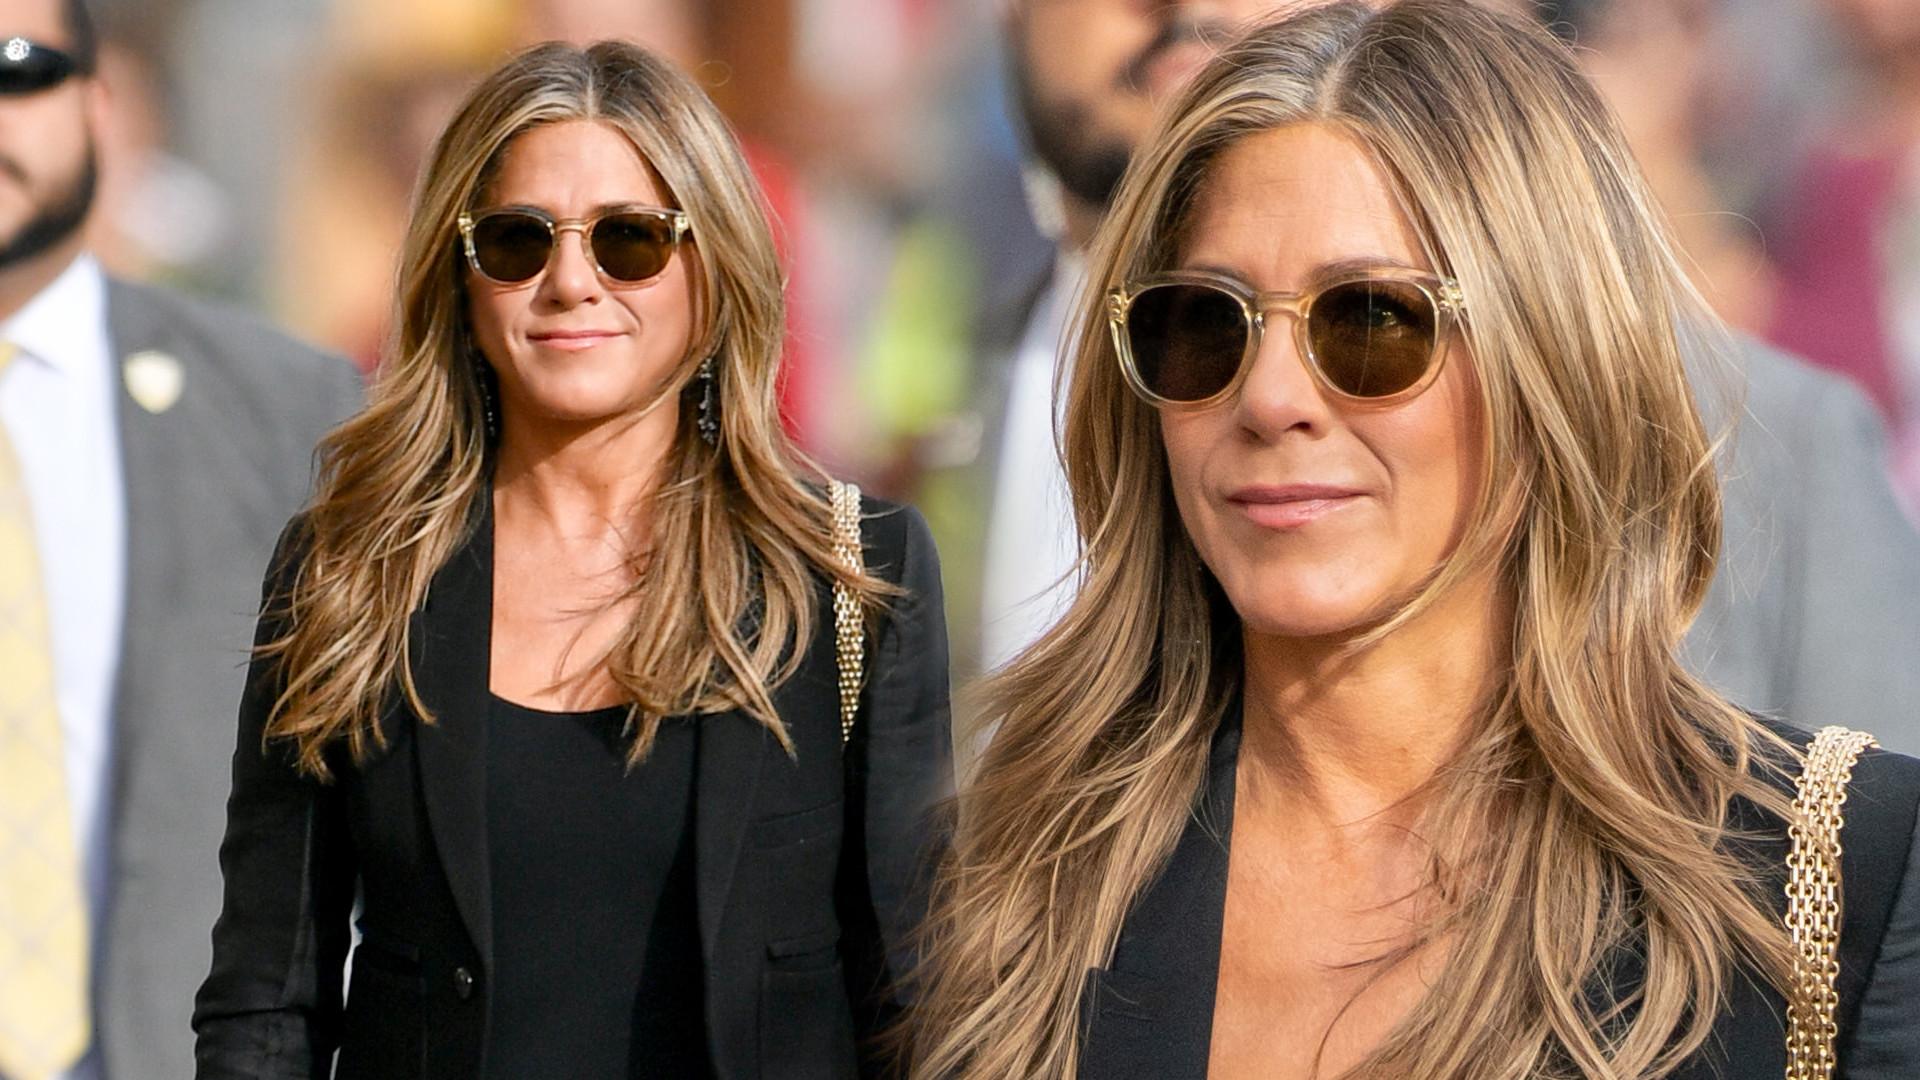 Jennifer Aniston ma ŚWIETNĄ figurę – po 50-tce wygląda lepiej niż kiedykolwiek (ZDJĘCIA)